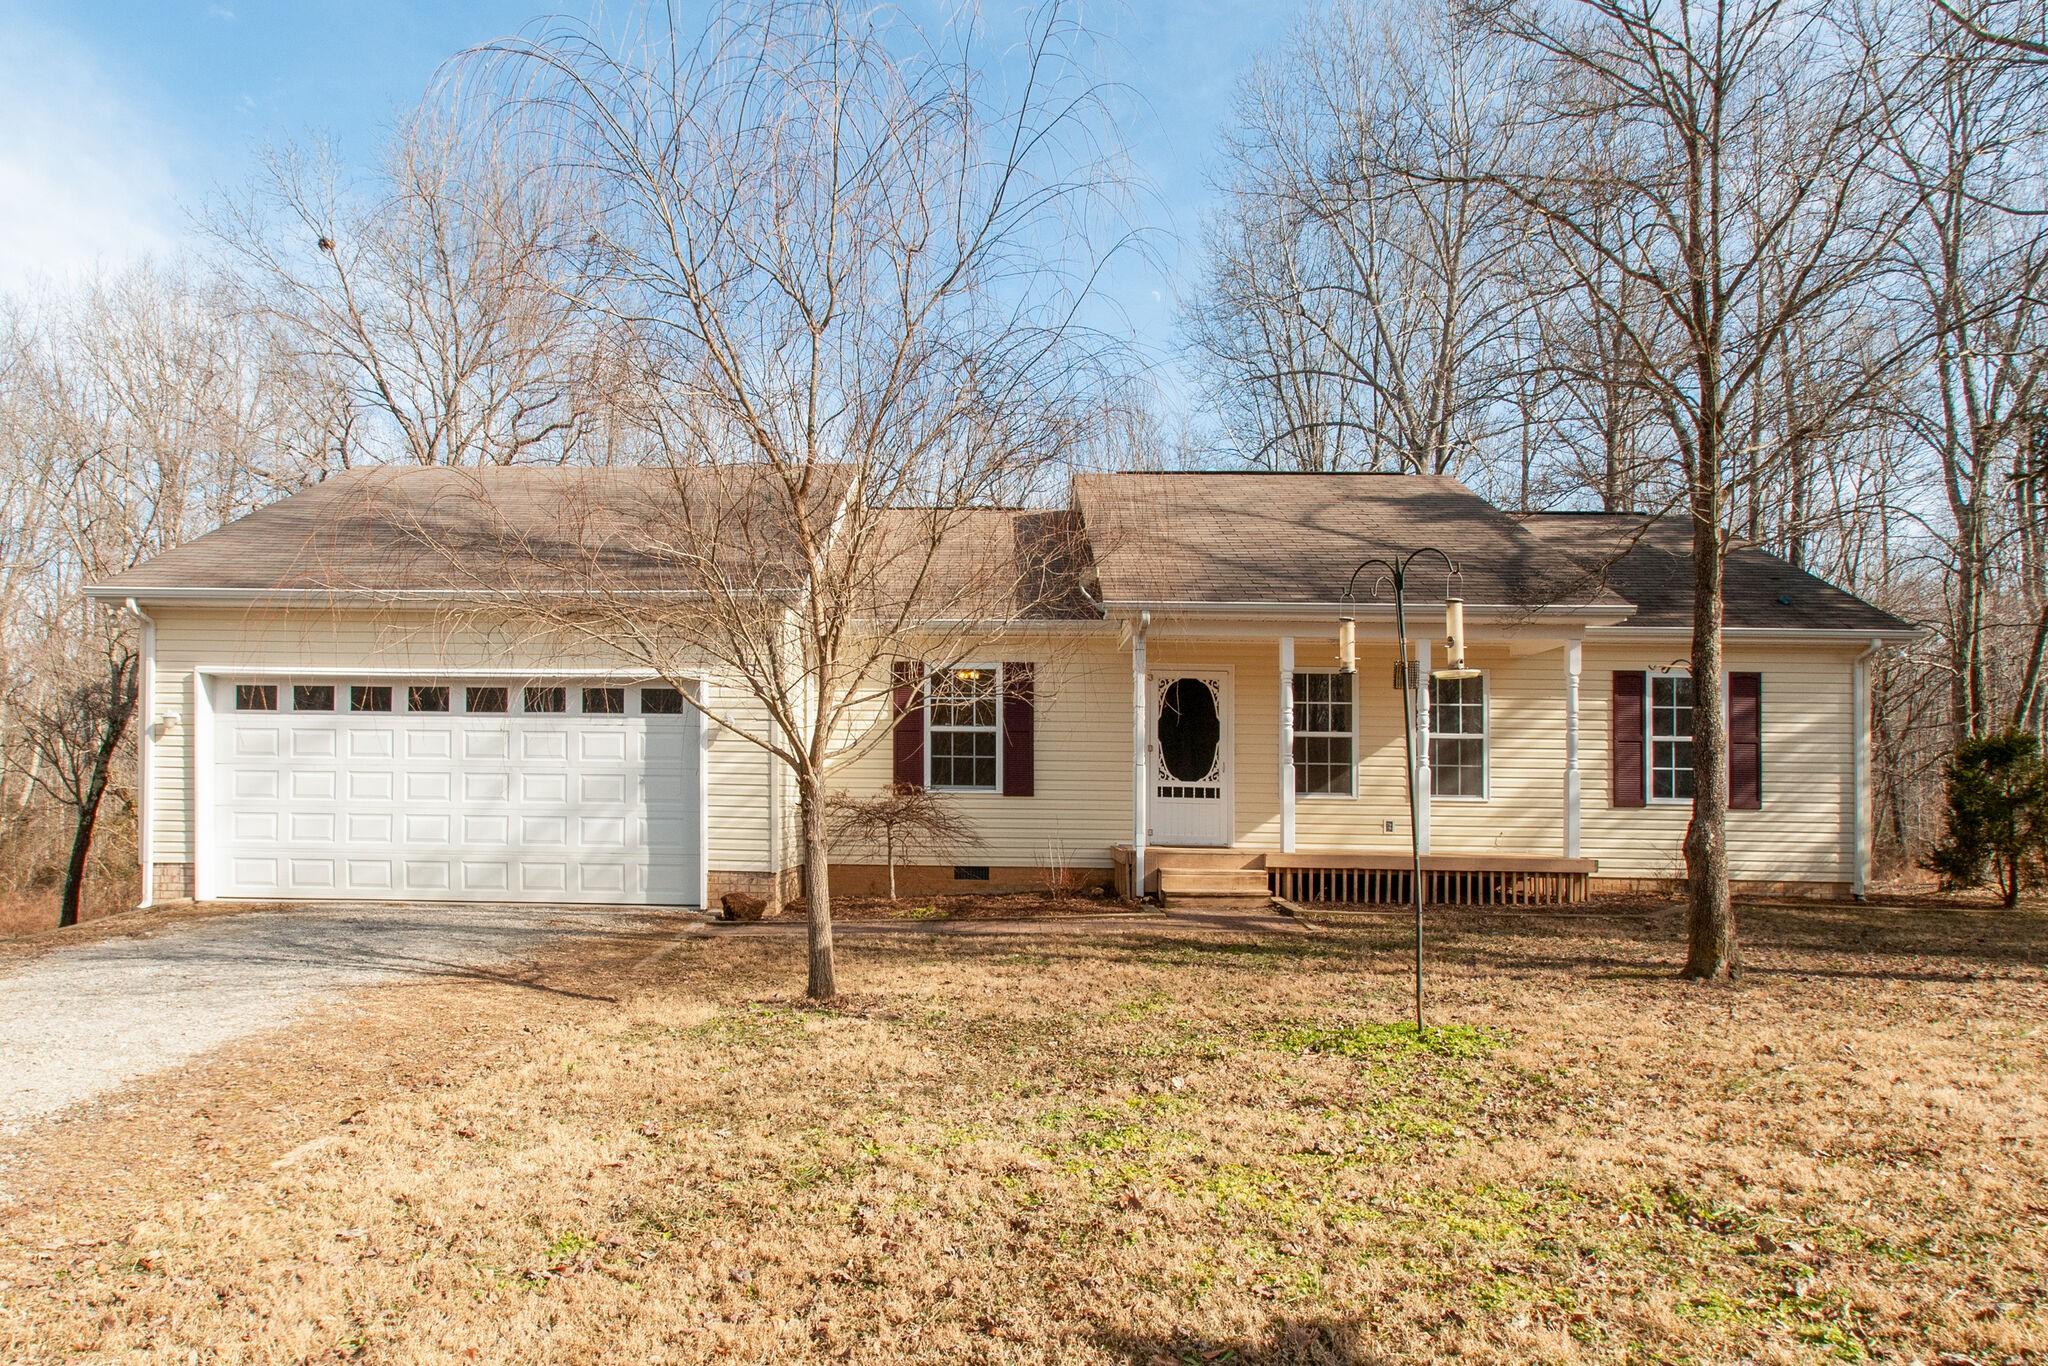 9119 Austin Ln Property Photo - Lyles, TN real estate listing